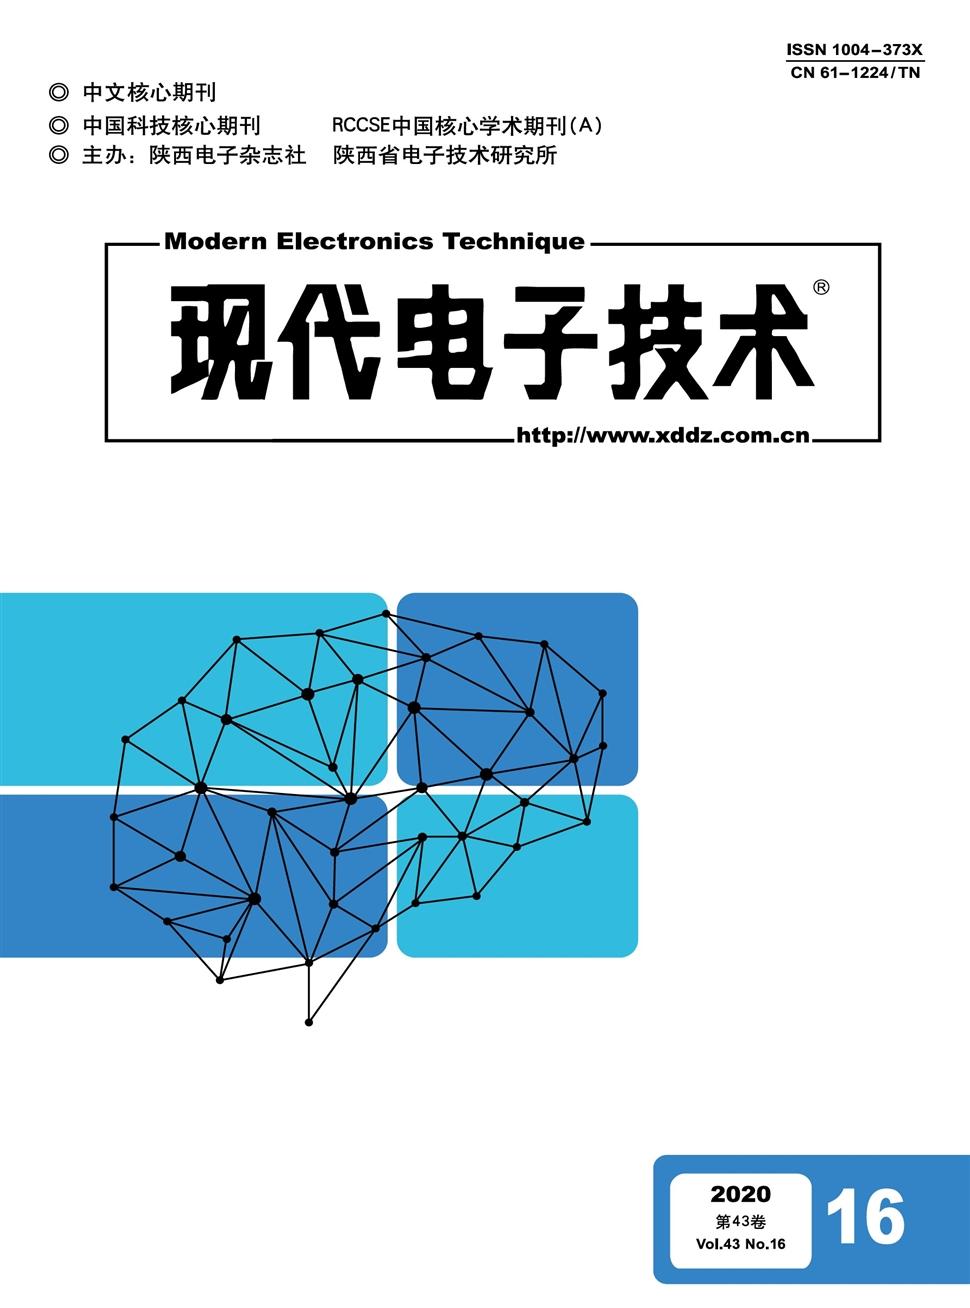 《现代电子技术》